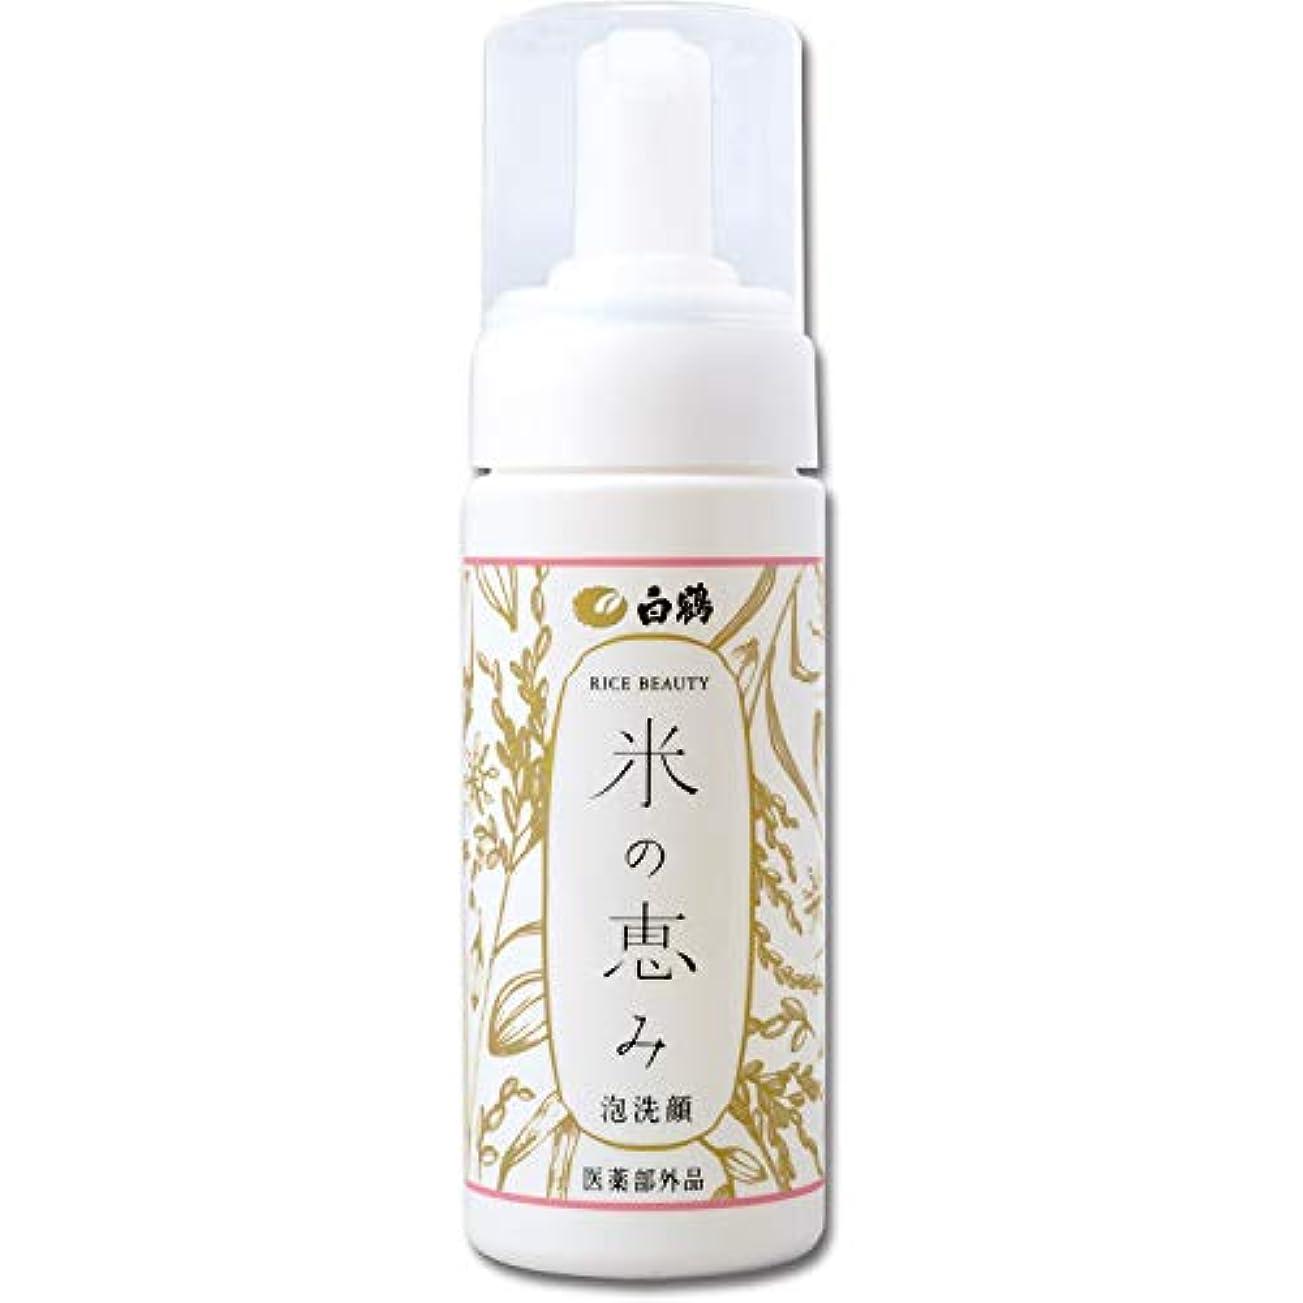 然とした残るスープ白鶴 ライスビューティー 米の恵み 泡洗顔 150ml (医薬部外品)